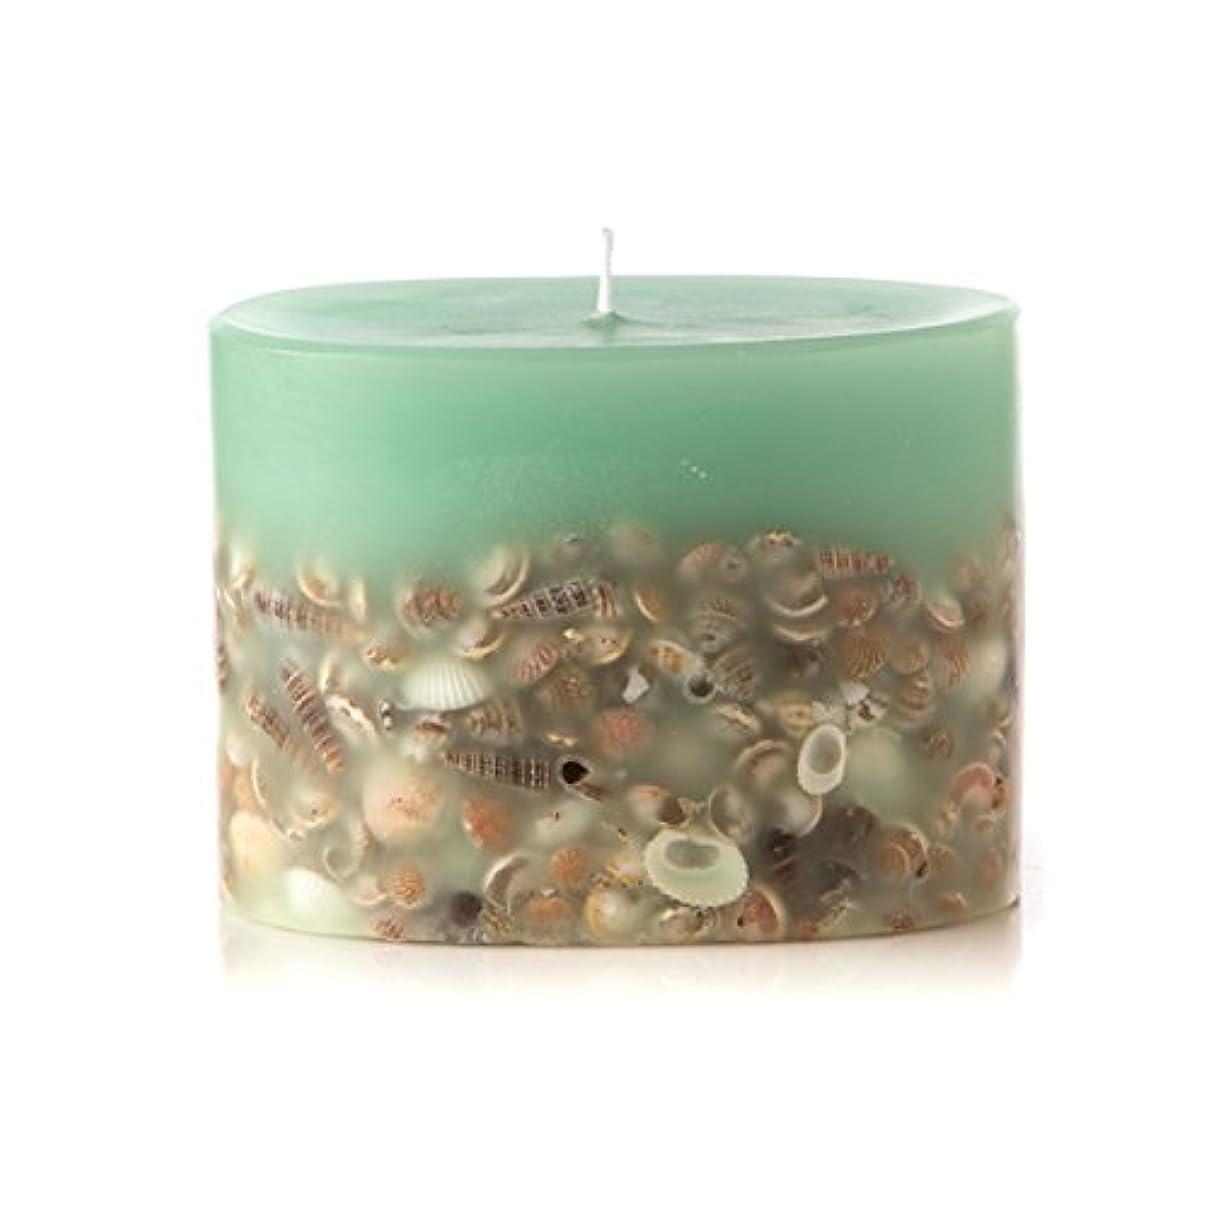 栄光の虫ショッキングロージーリングス プティボタニカルキャンドル シーグラス ROSY RINGS Petite Oval Botanical Candle Sea Glass